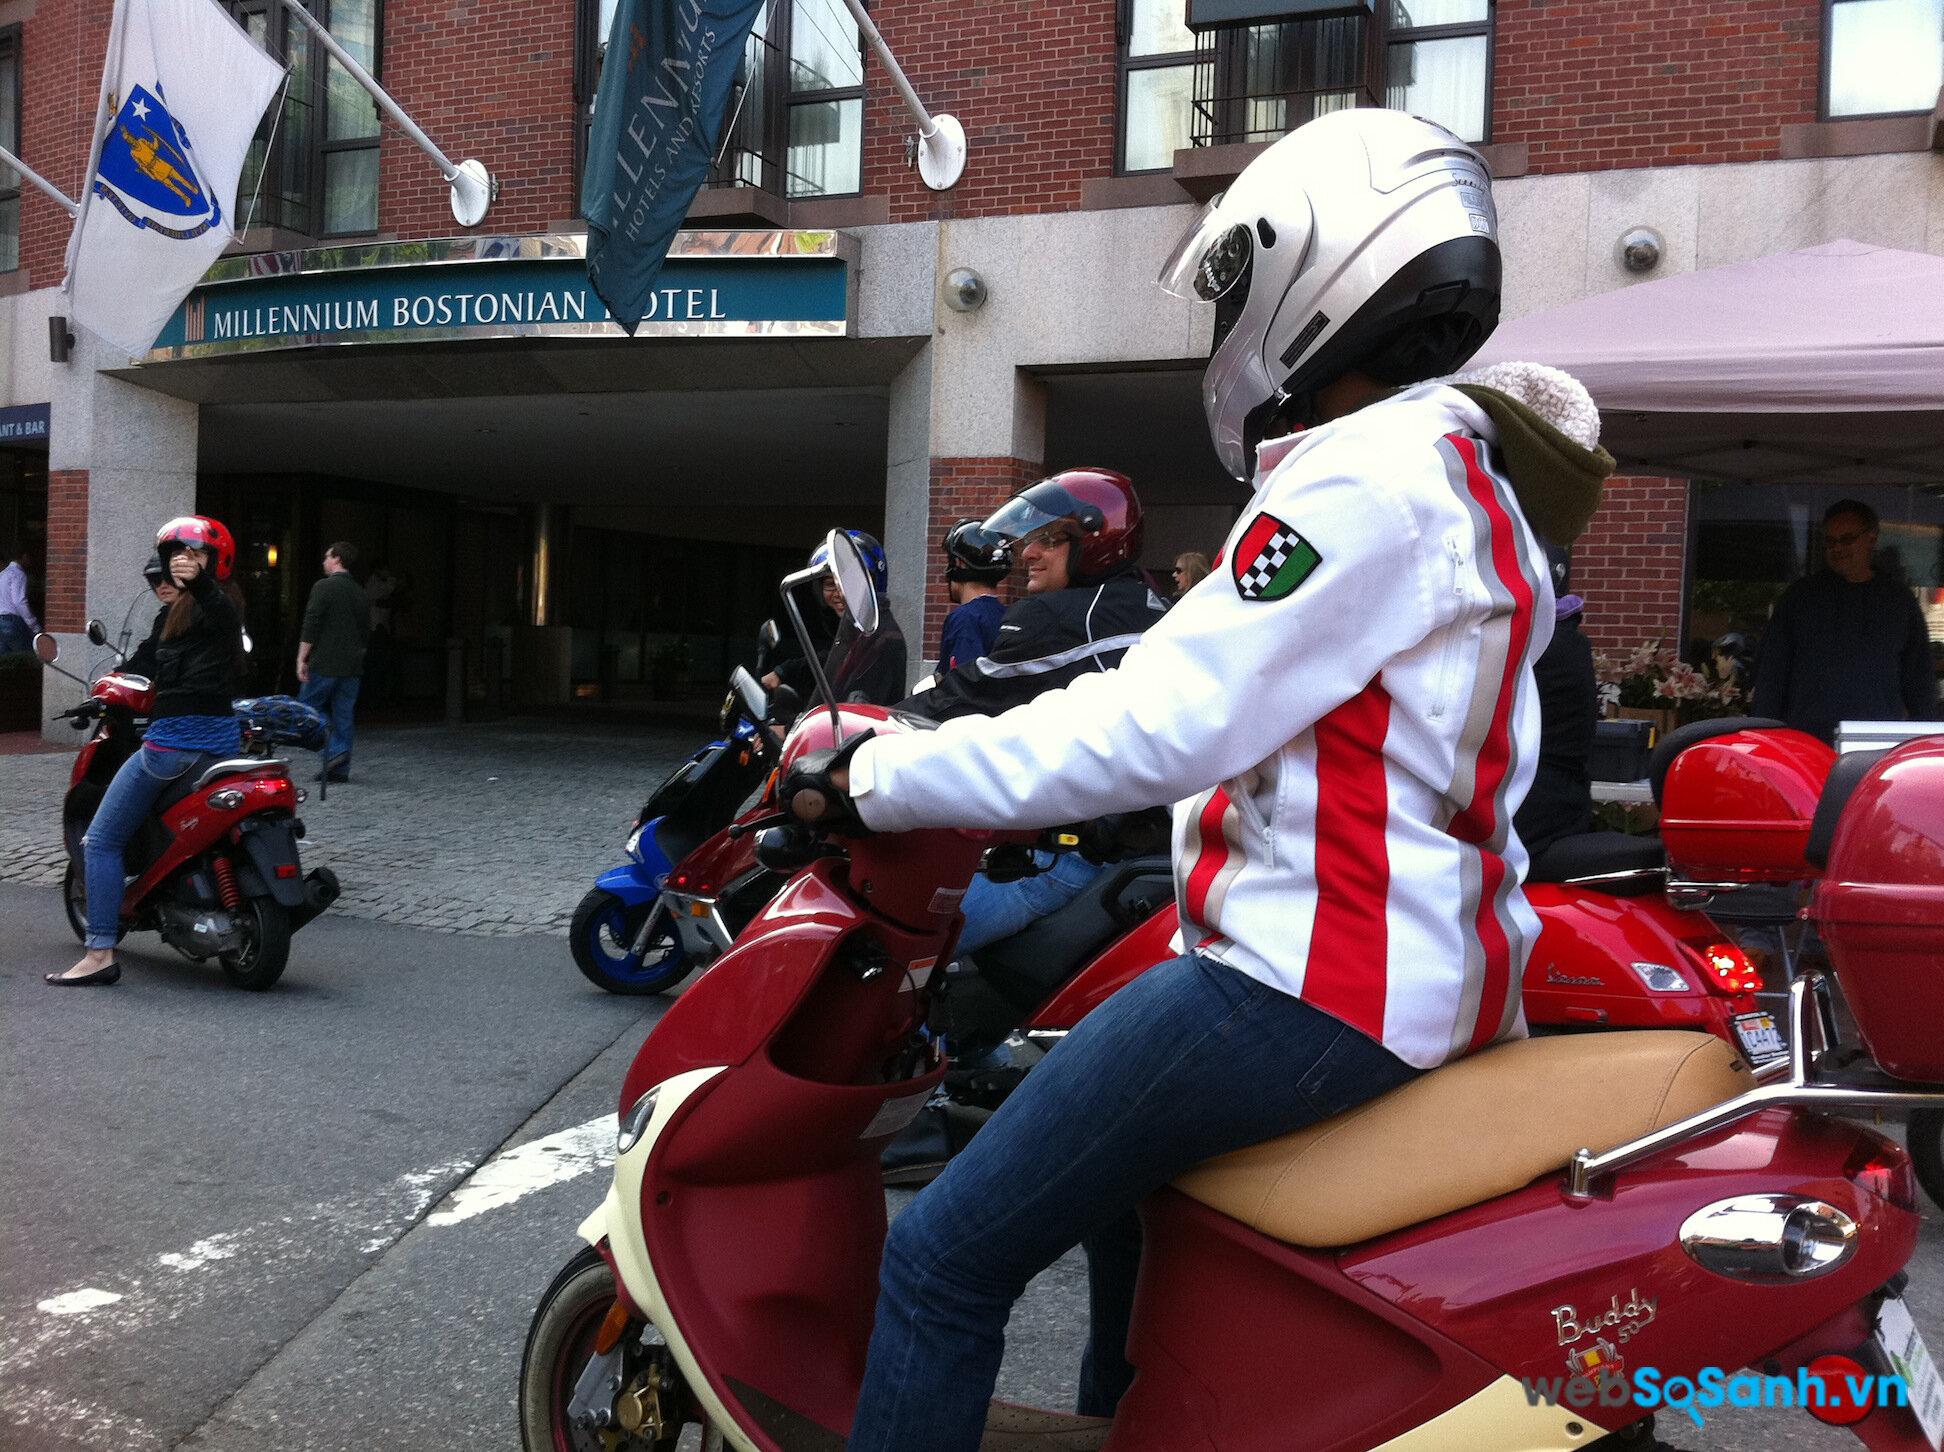 Cách phanh xe an toàn cho từng loại xe máy